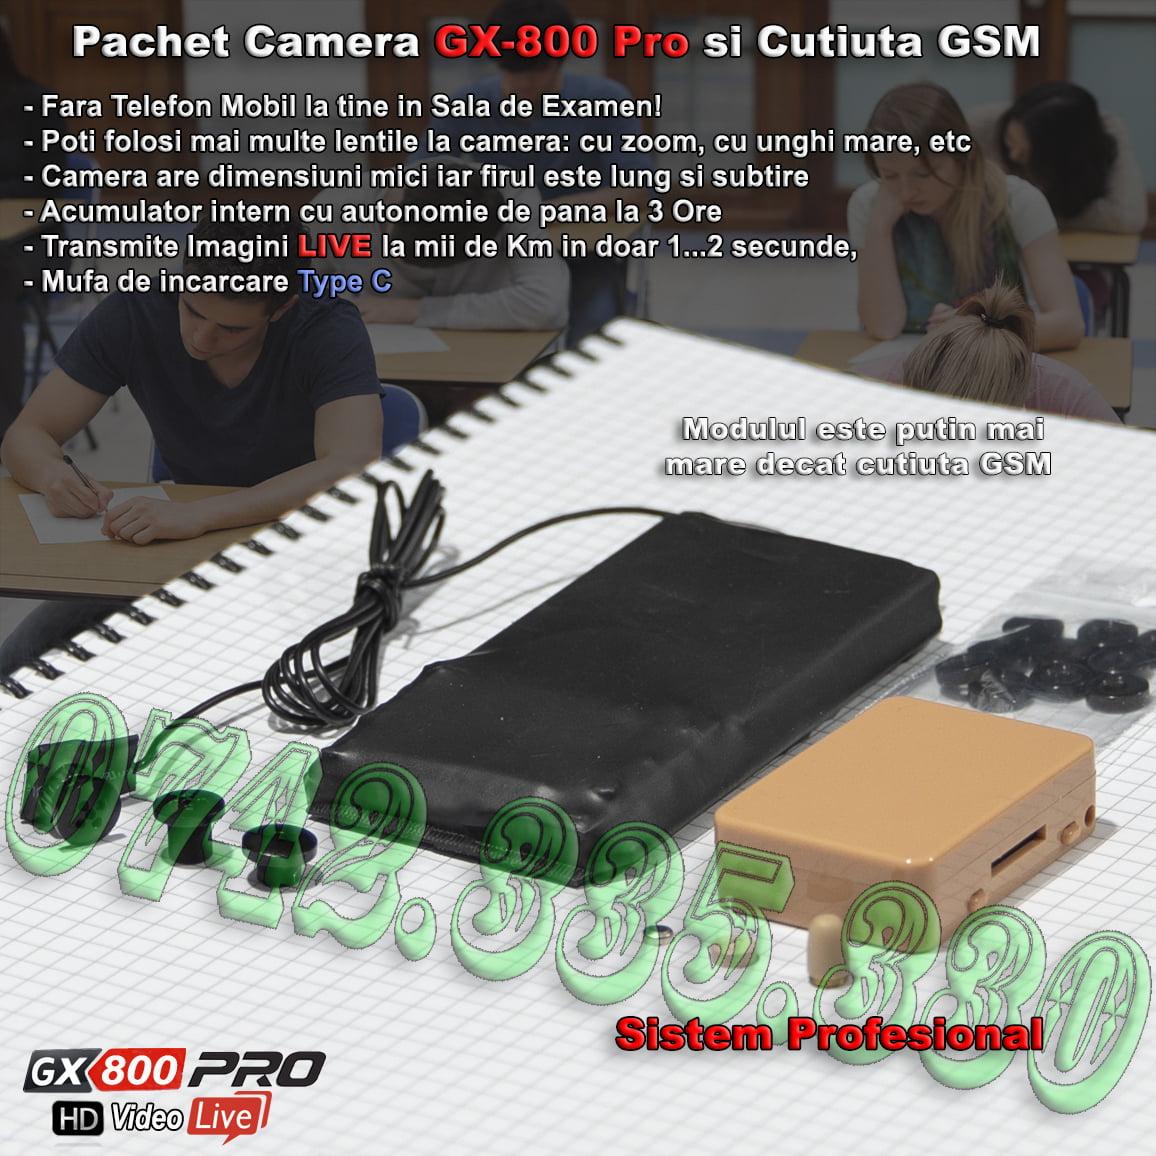 casca de copiat cu camera video GX 800 Pro